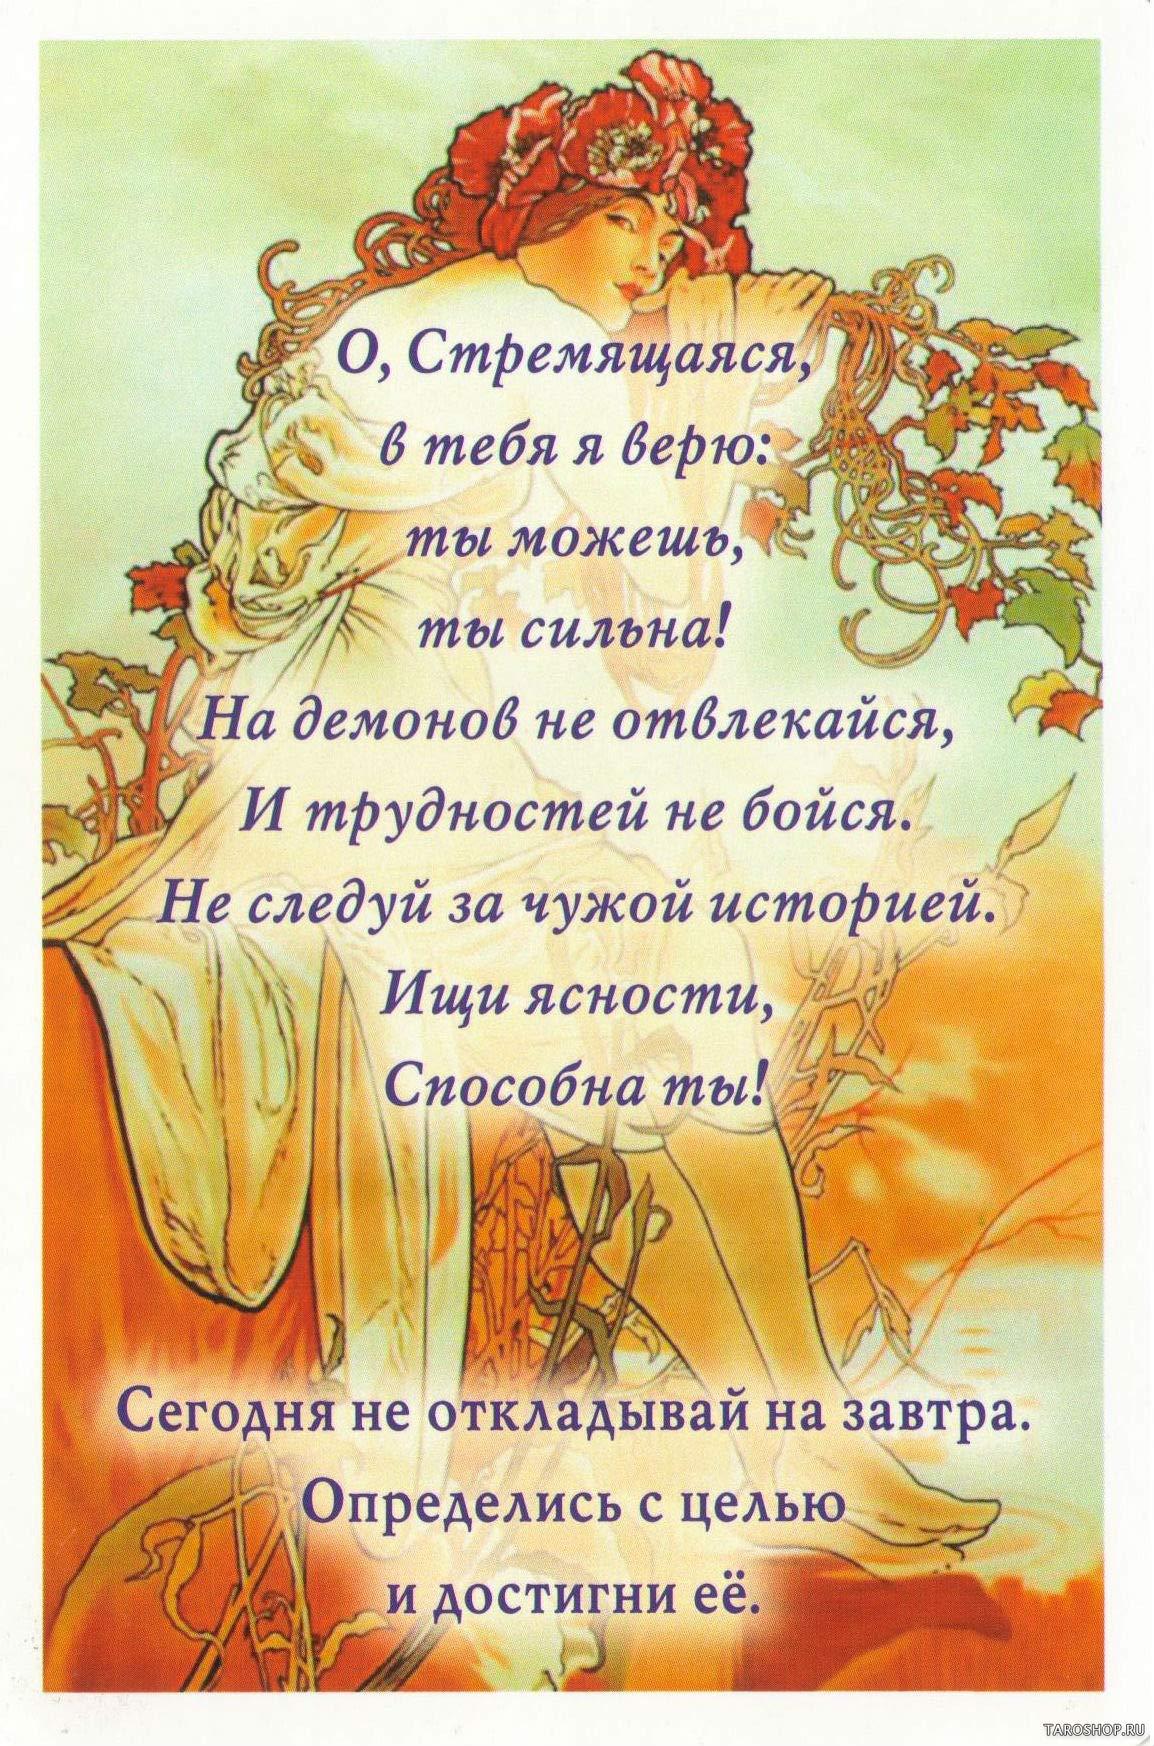 GRDN LVE New Oracle Garden of Love Tarot Cards Russian Maya Rabinovich